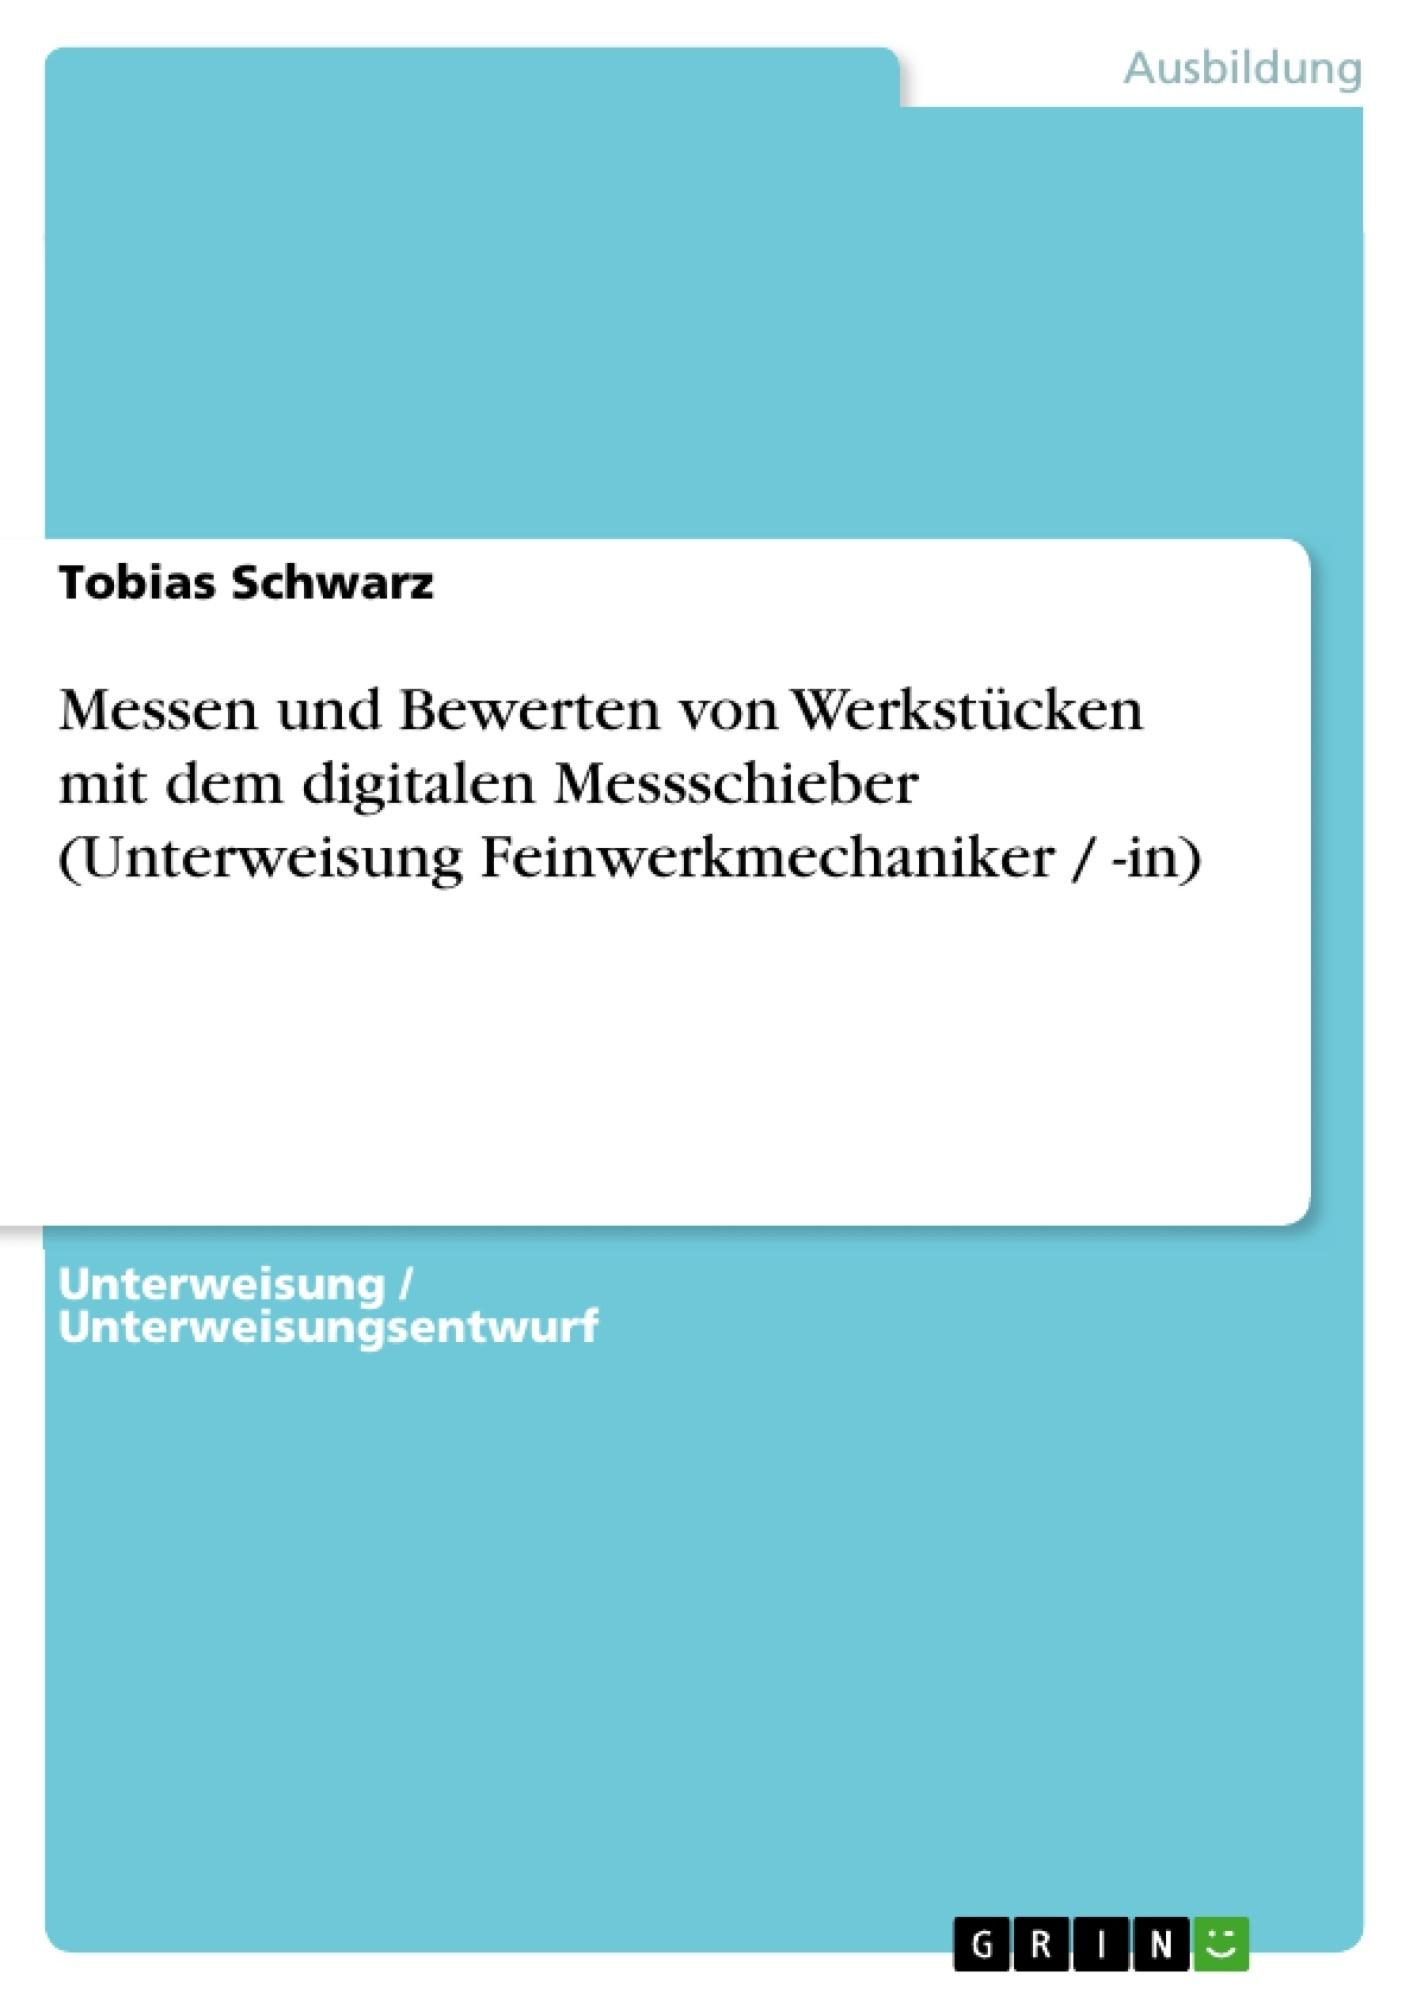 Titel: Messen und Bewerten von Werkstücken mit dem digitalen Messschieber (Unterweisung Feinwerkmechaniker / -in)